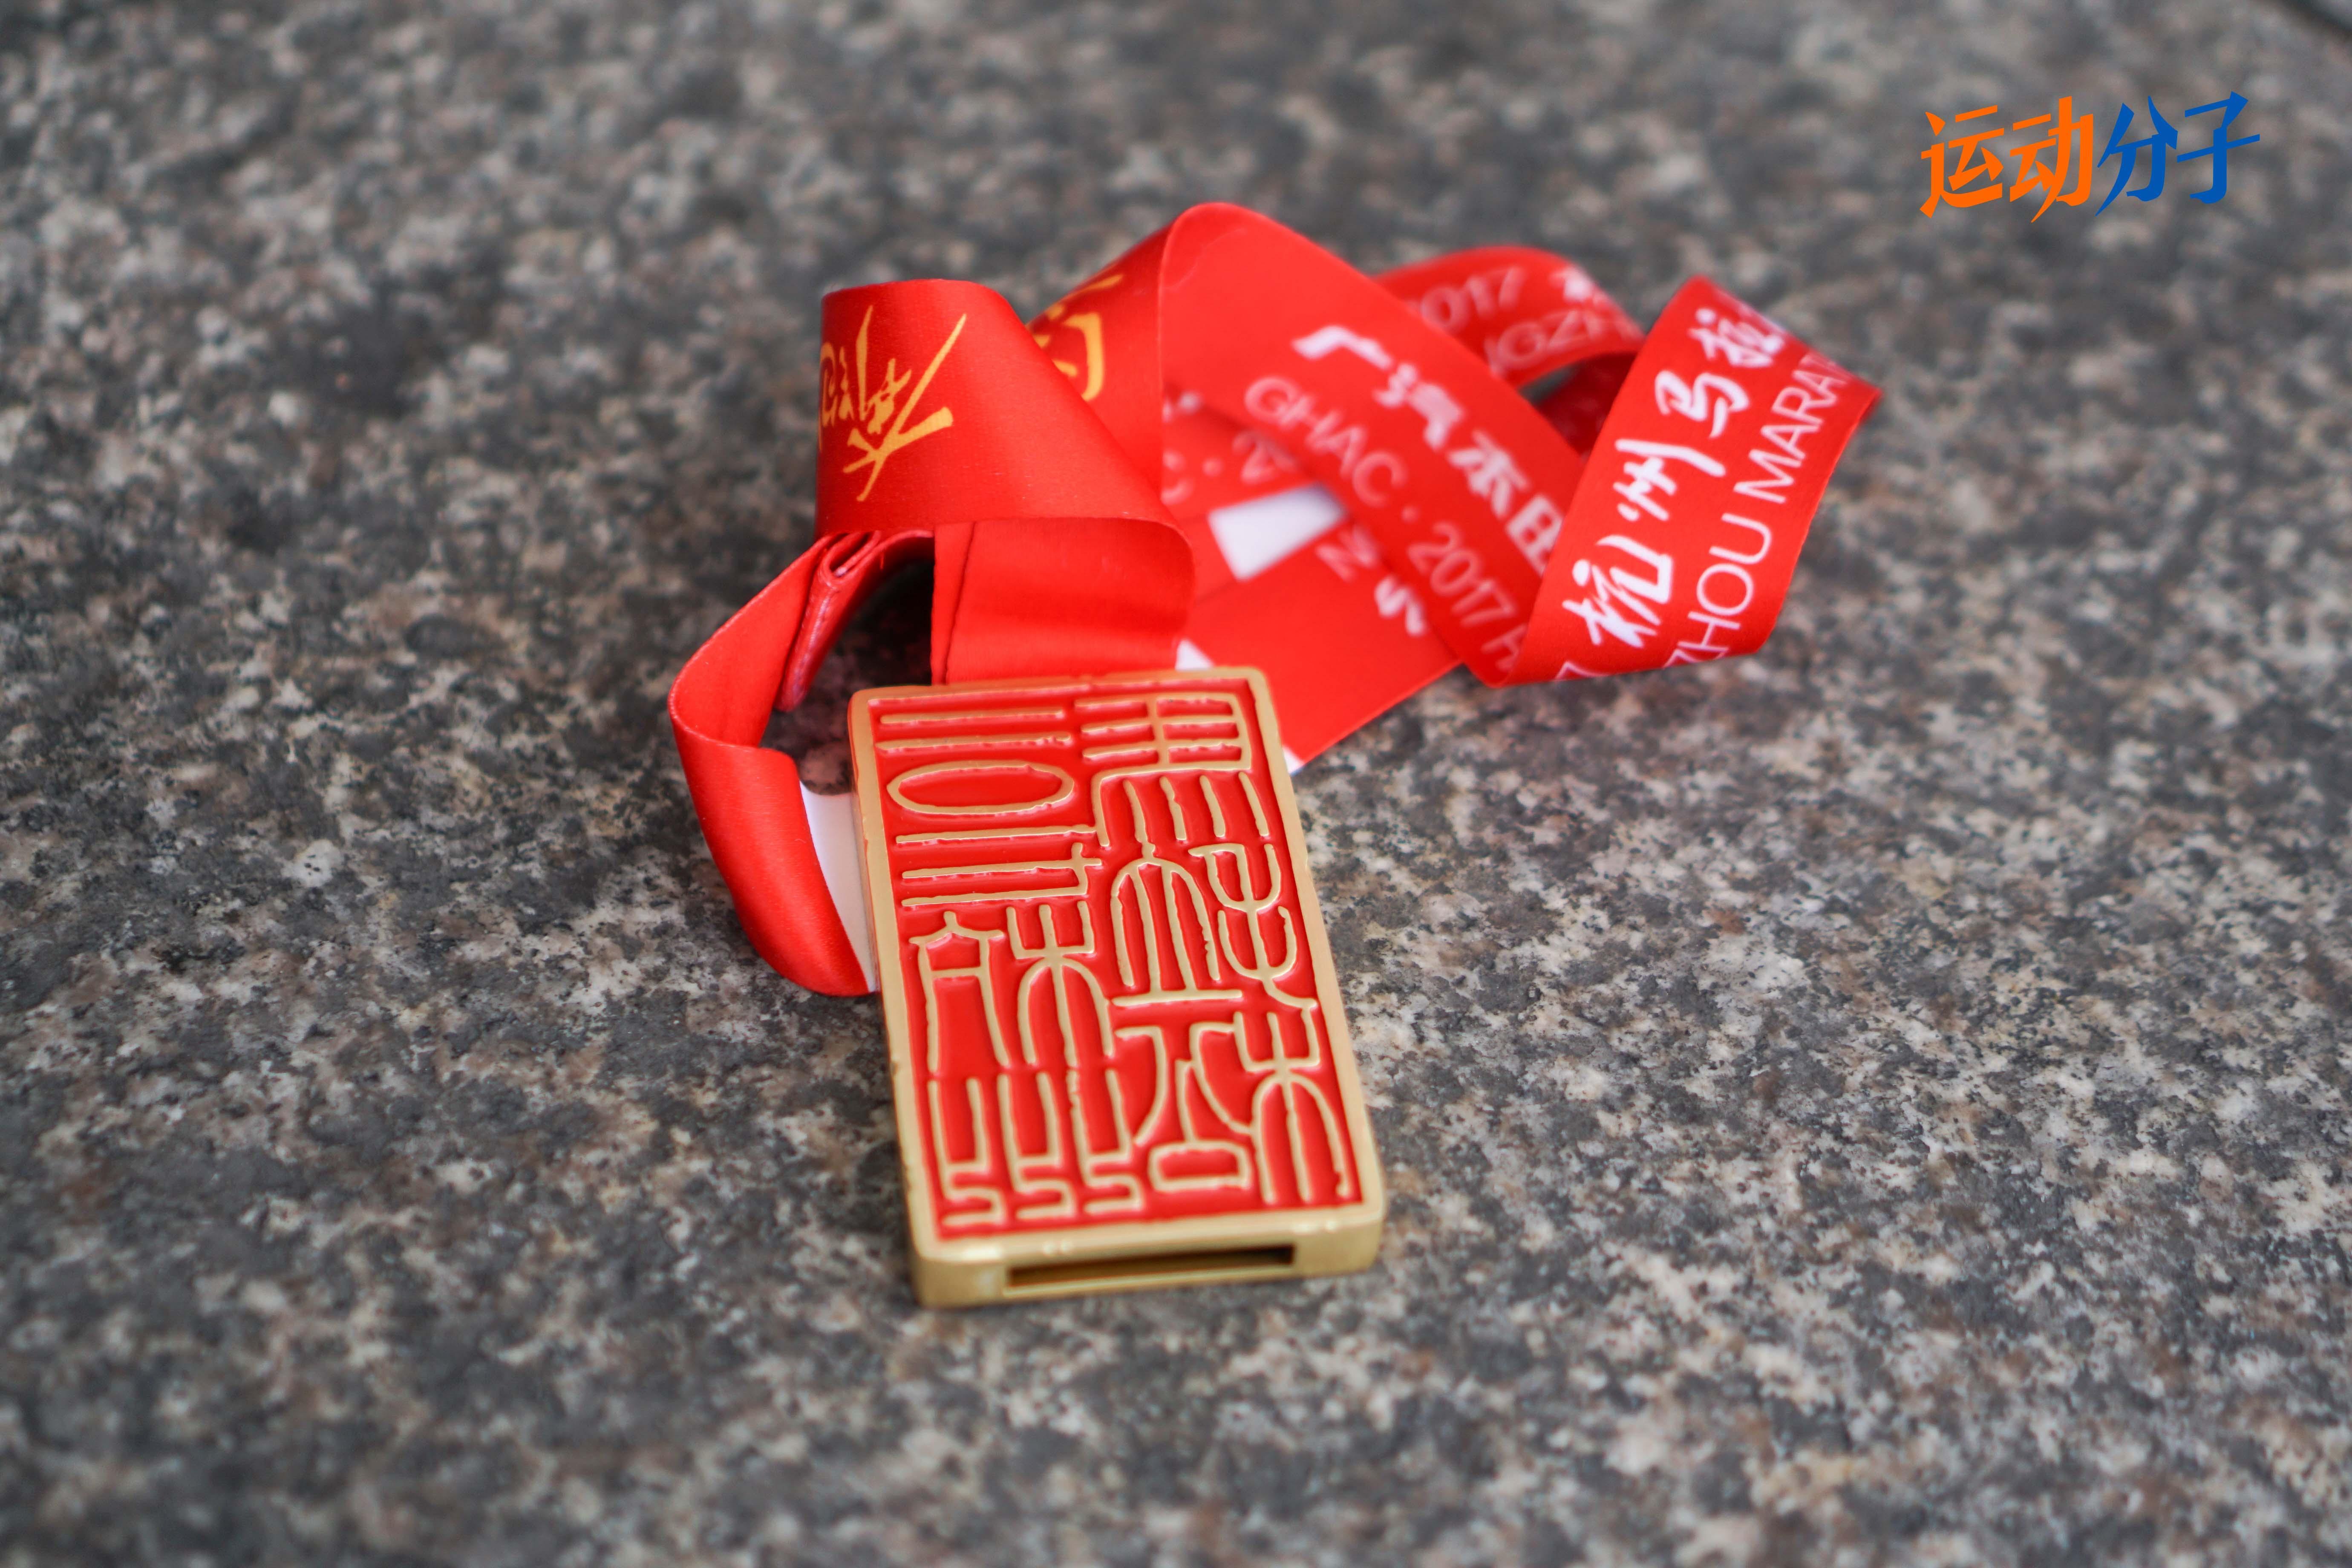 2017杭州马拉松满意度体验报告:最适合跑步的天气,给你一场这样的杭马